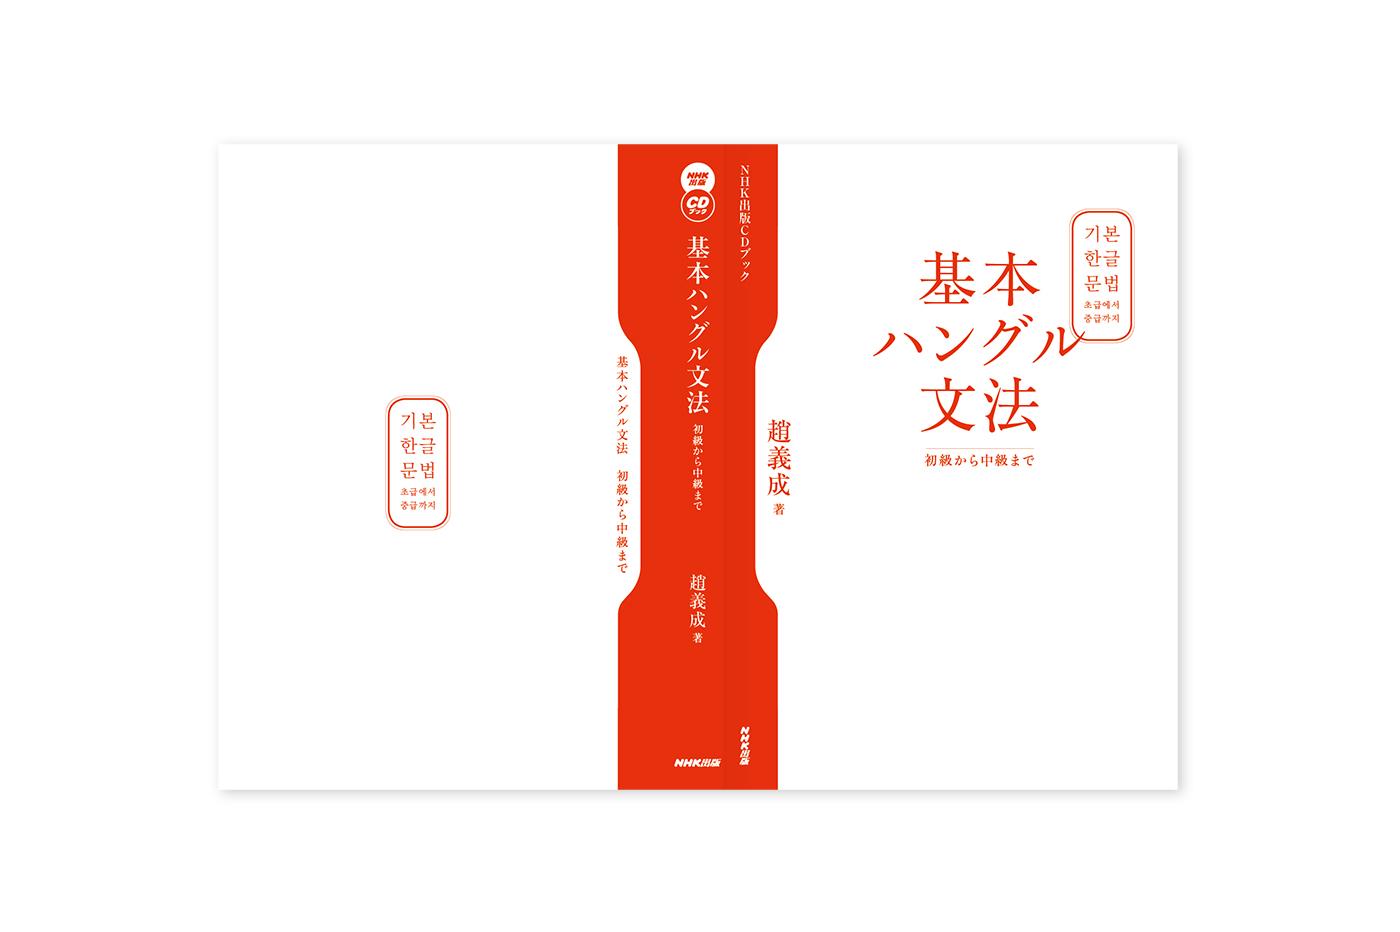 hanguru_honbyoshi